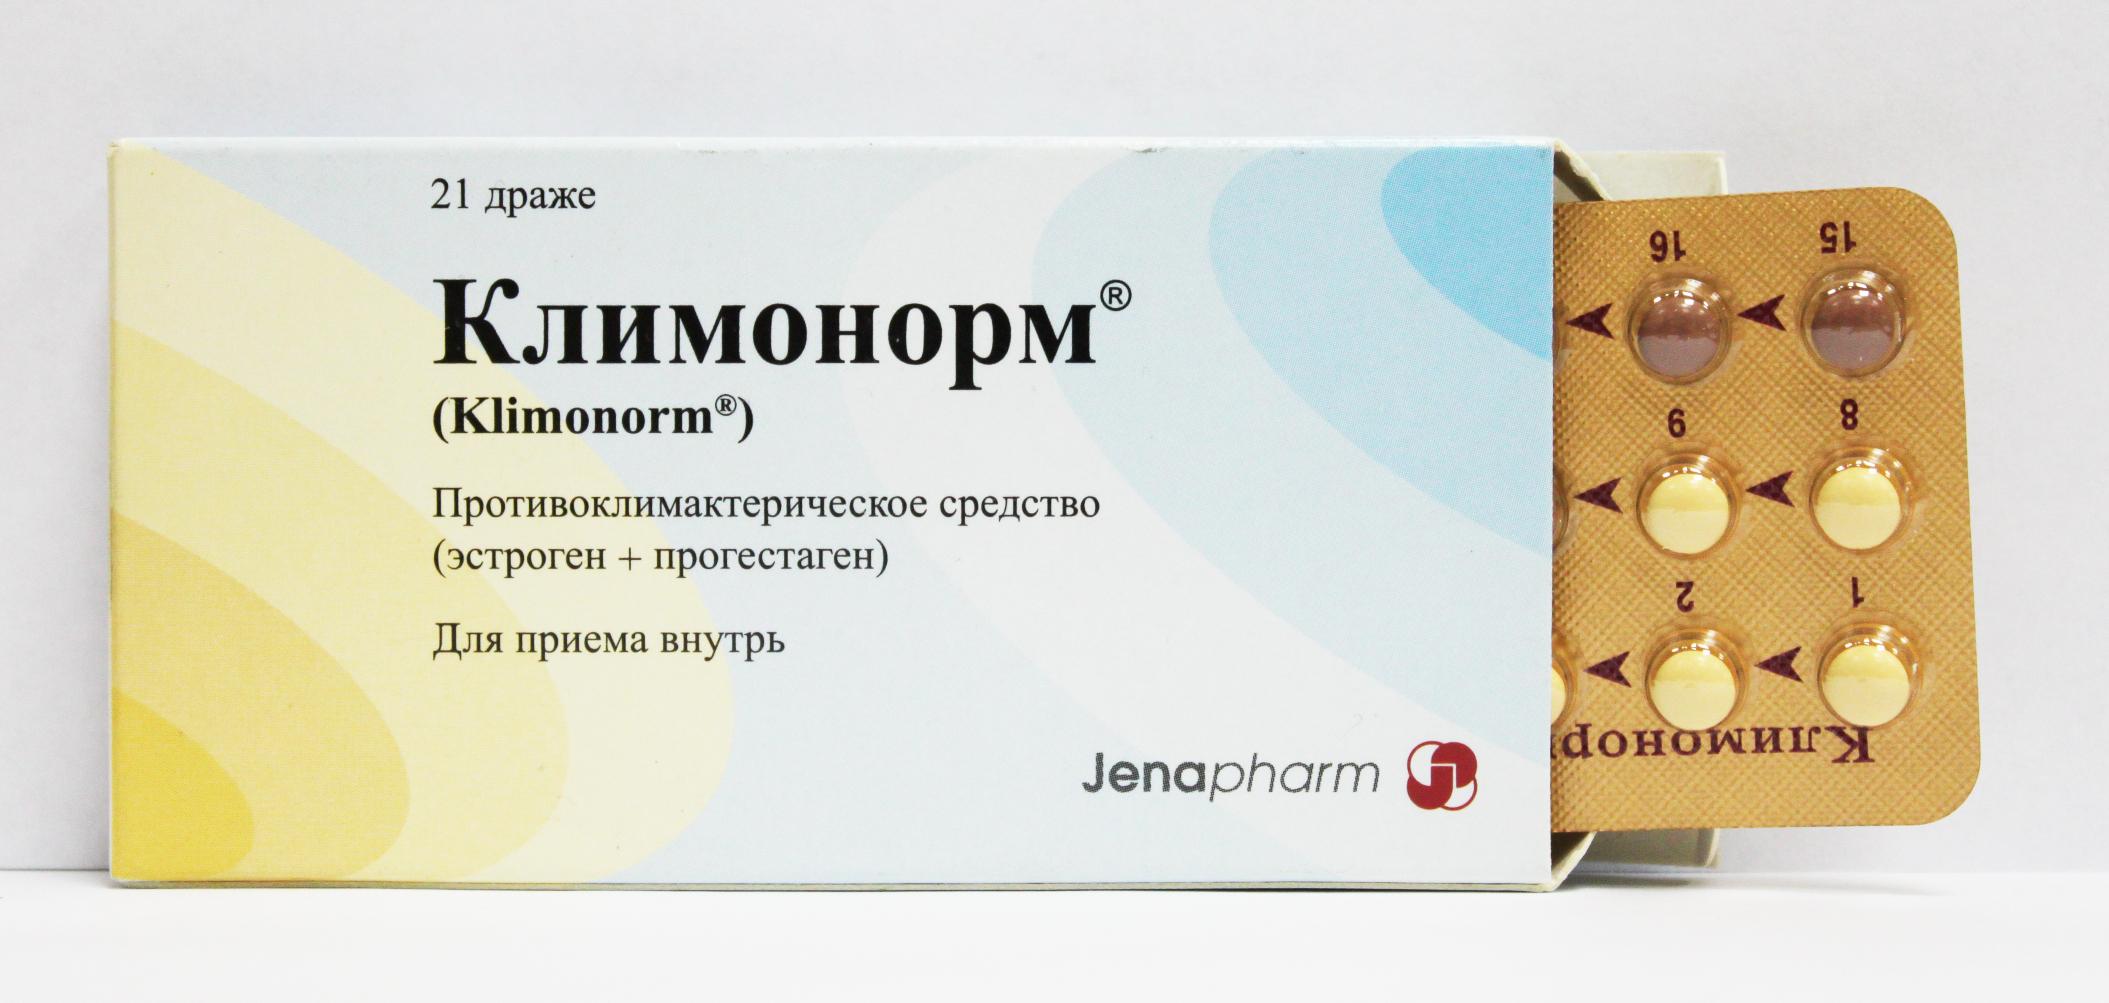 Обзор самых эффективных негормональных препаратов при климаксе